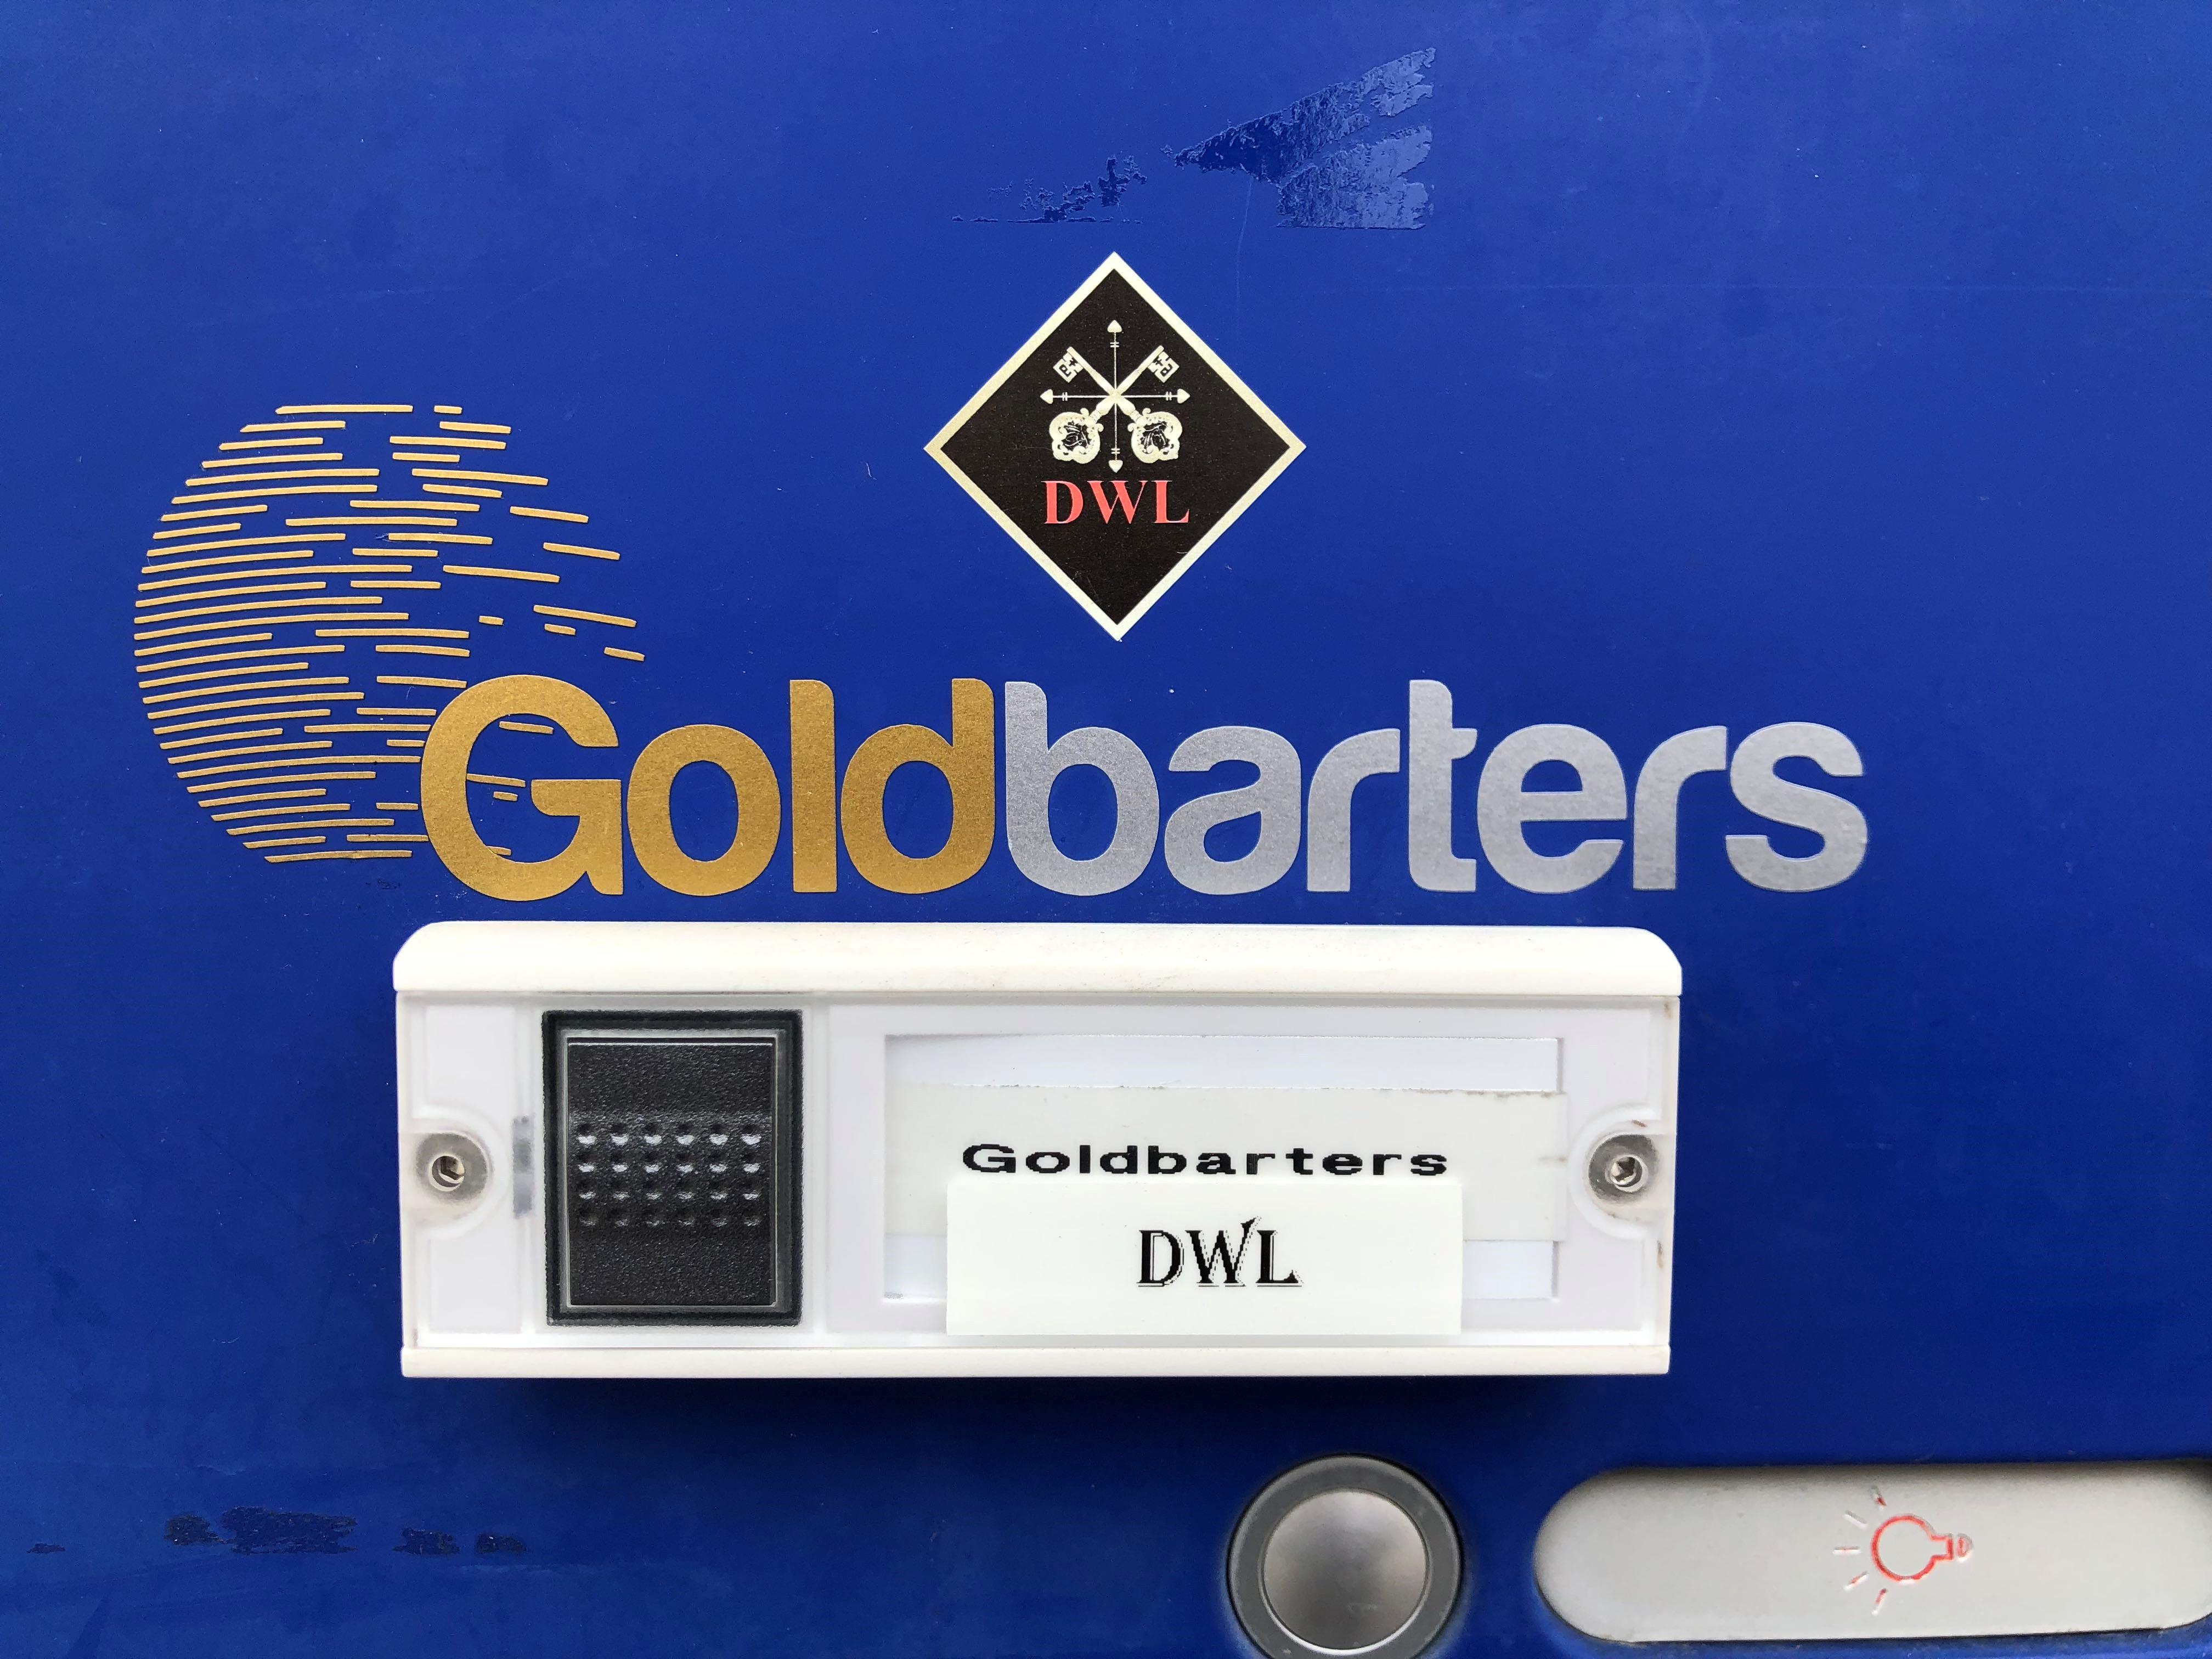 Das Office Von Goldbarters Und Dwl Deutsche Wertelager Gmbh Alles Ein Gluckspiel Diebewertung